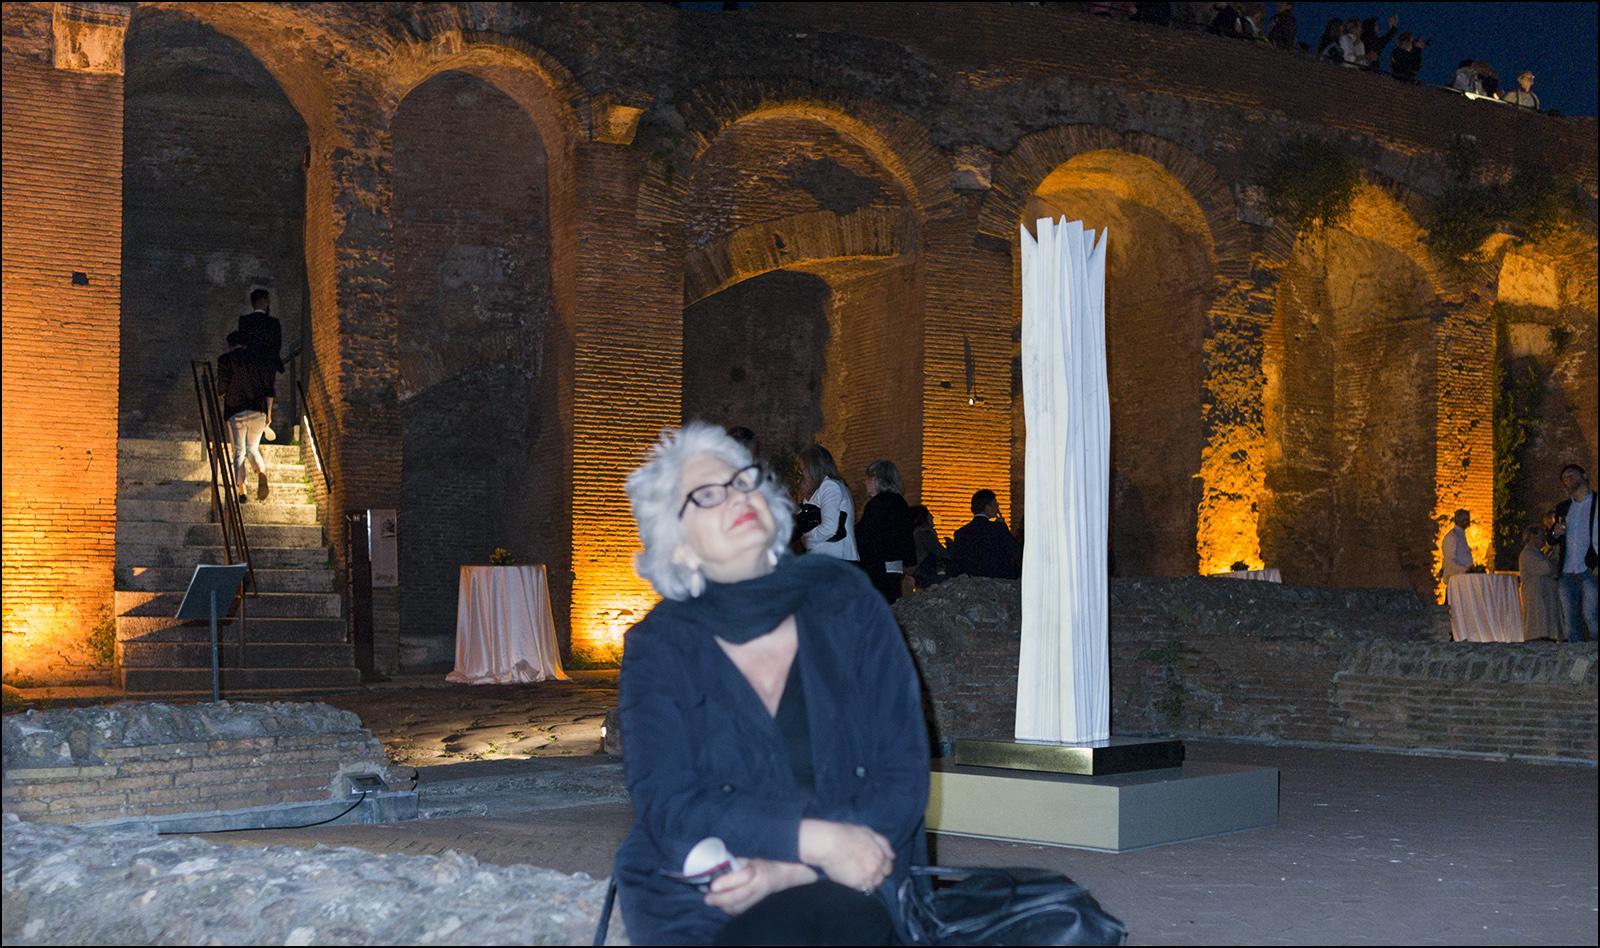 Foto di Dino Ignani Grabriella Sica Mercati di Traiano